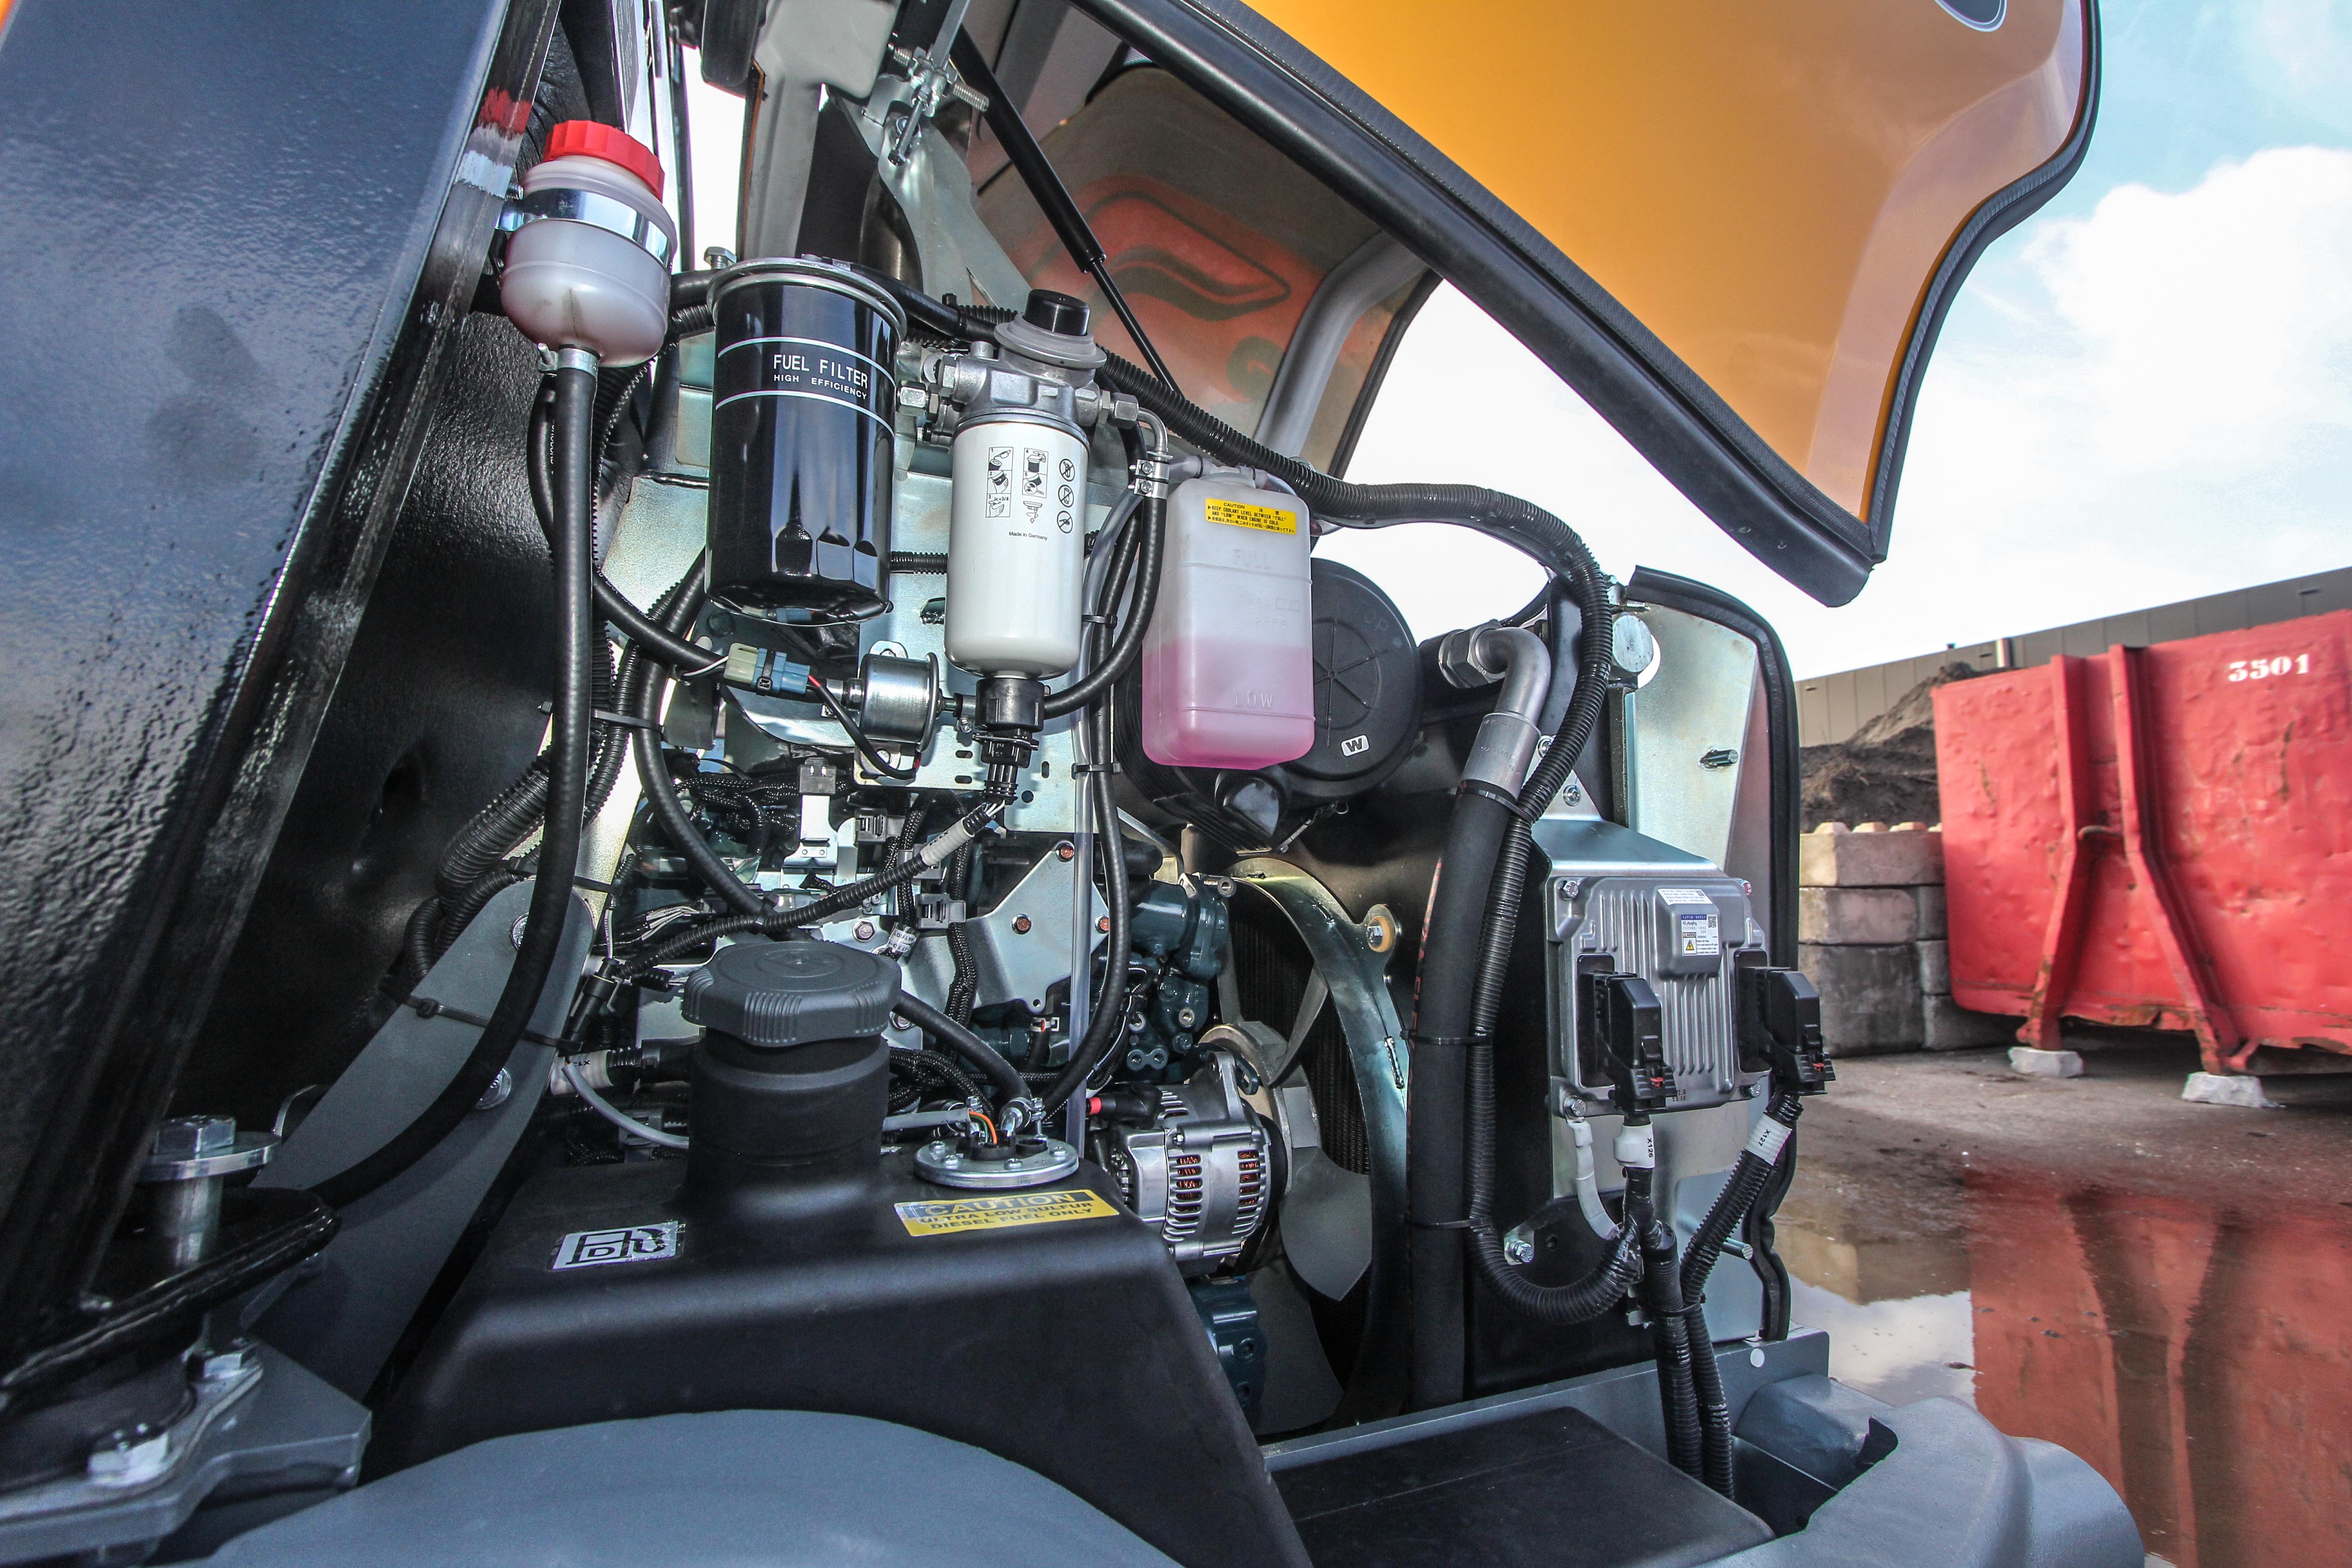 <p>Na het openen van de motorkap zijn alle filters aan de linkerzijde goed bereikbaar en overzichtelijk naast elkaar gegroepeerd. De hydrauliekolie-tank is bereikbaar via de andere zijde. </p>